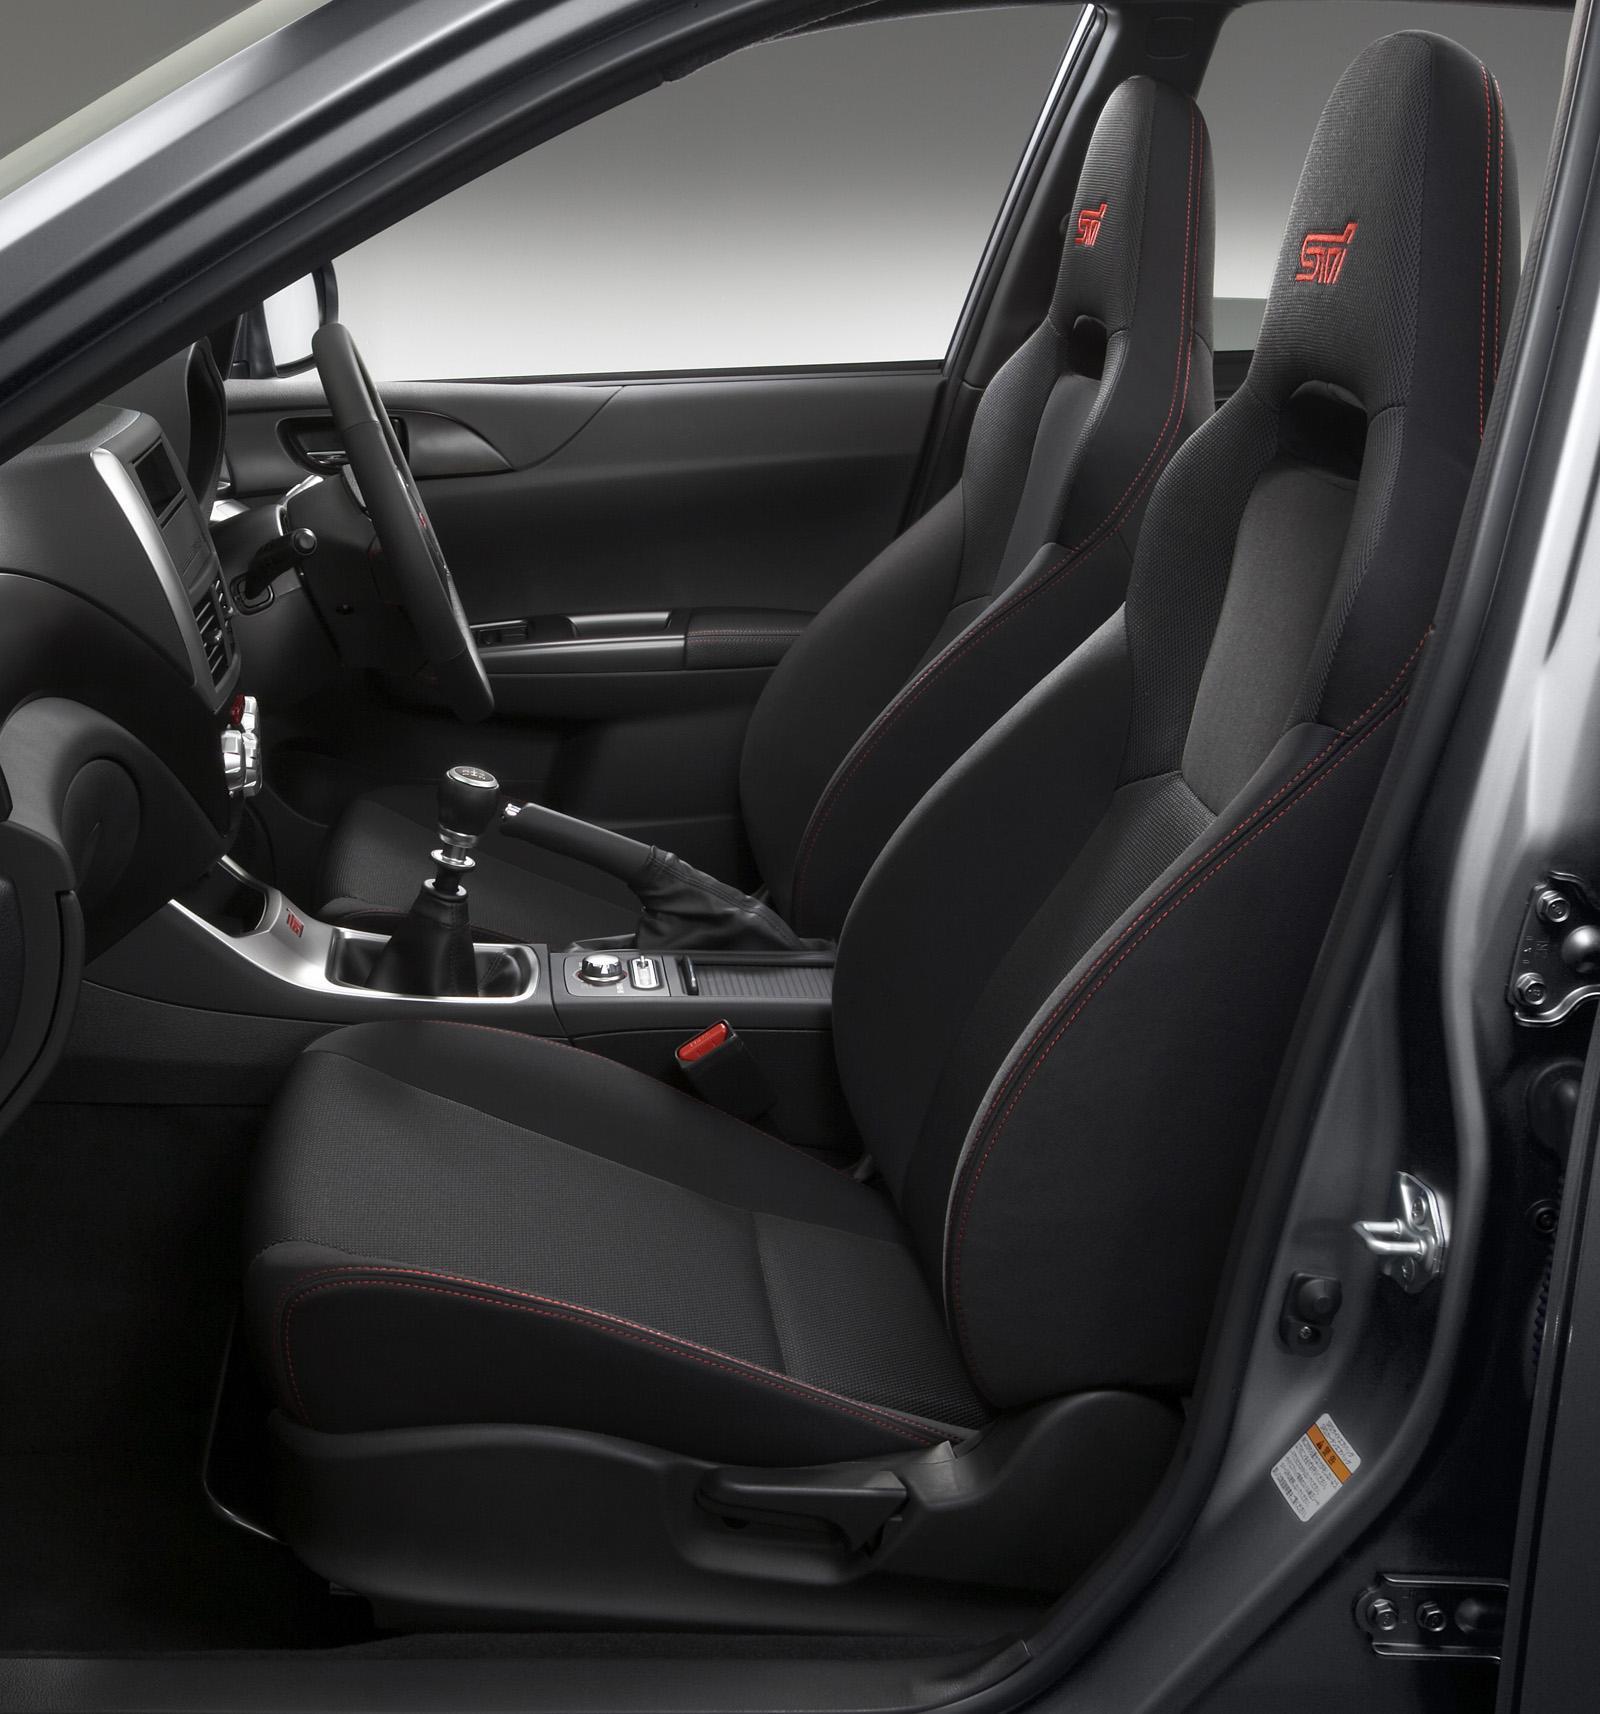 2011 Subaru Impreza WRX STI Spec C - фотография №3